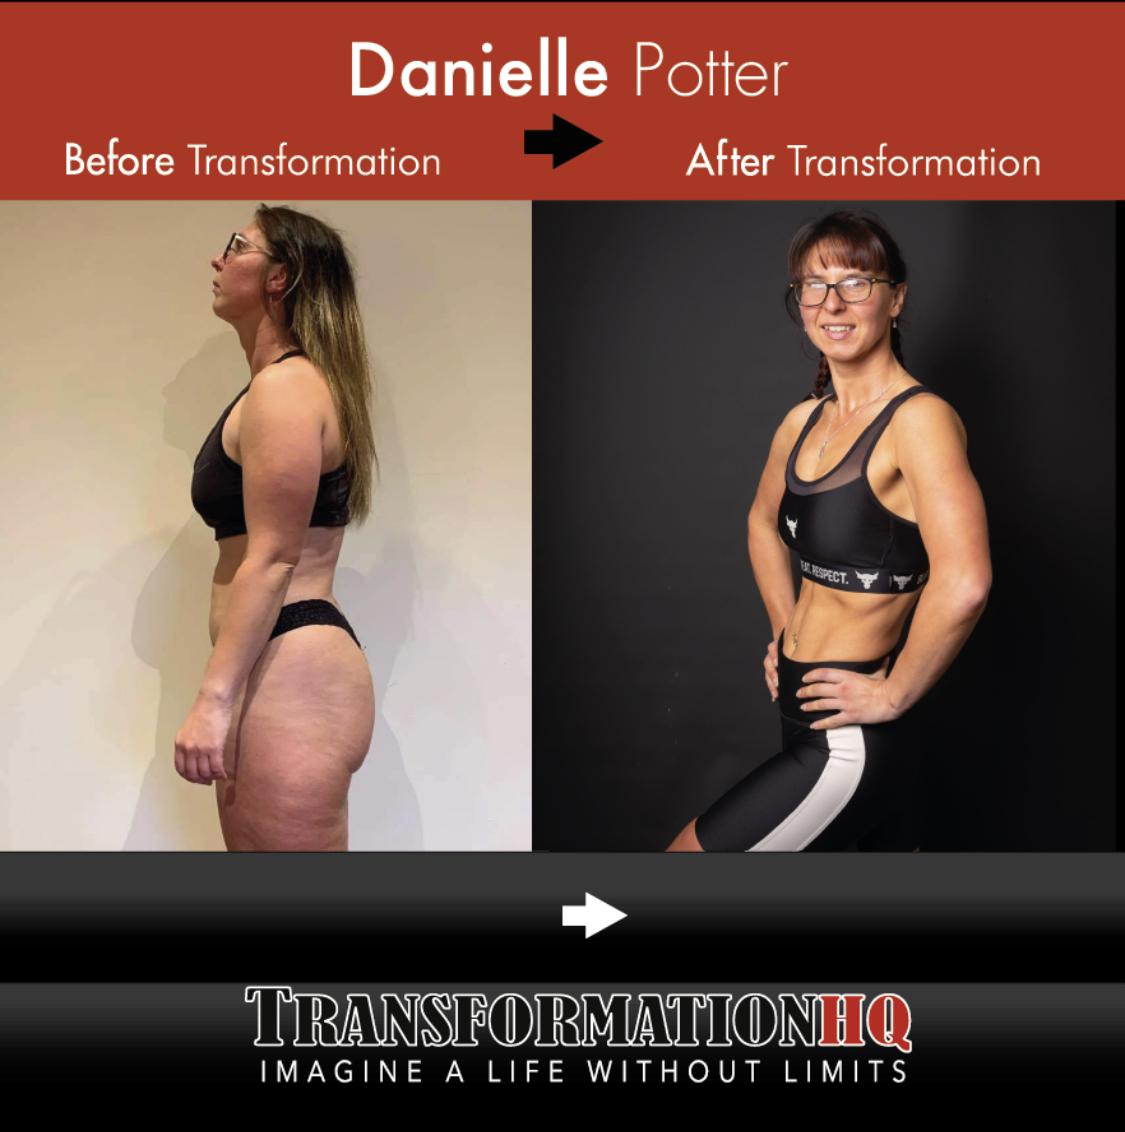 Danielle Potter